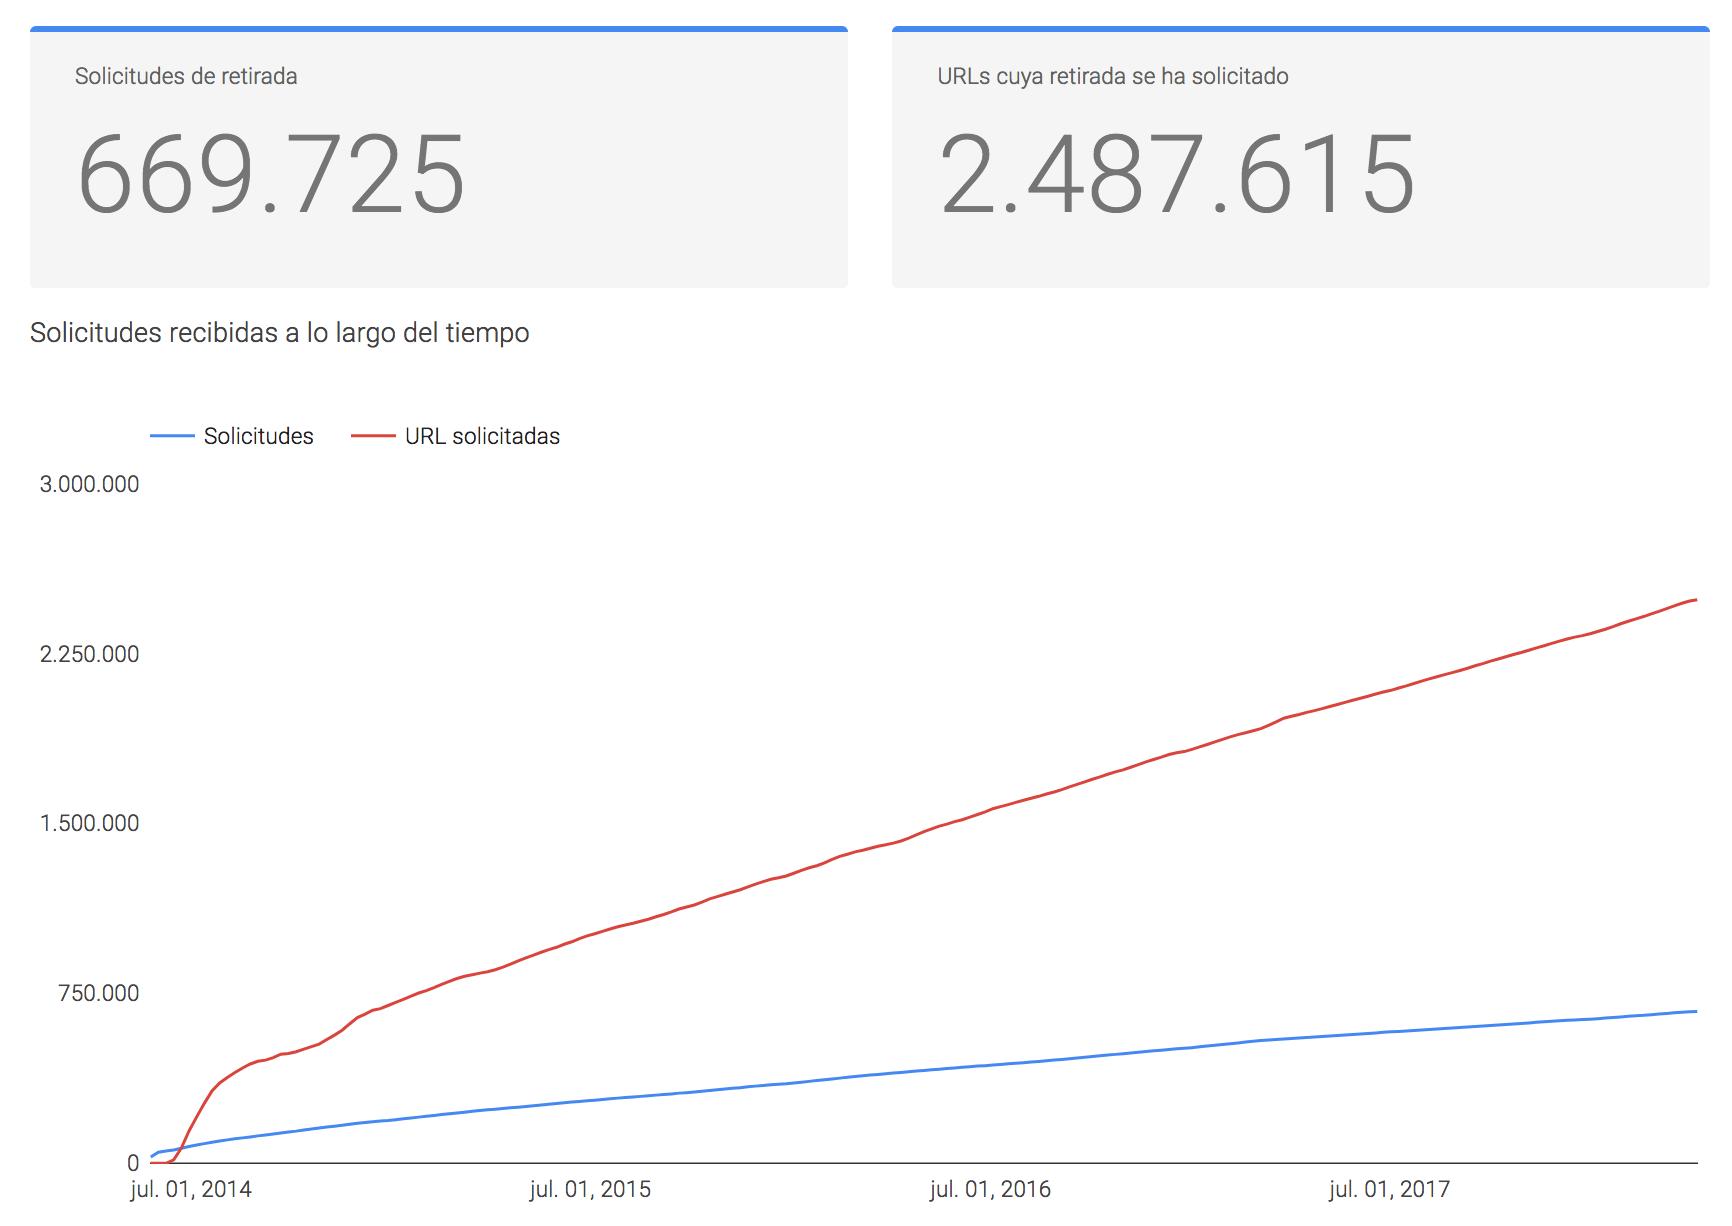 Solicitudes de eliminación de enlaces a Google. Reporte de Transparencia, 2014-2018.